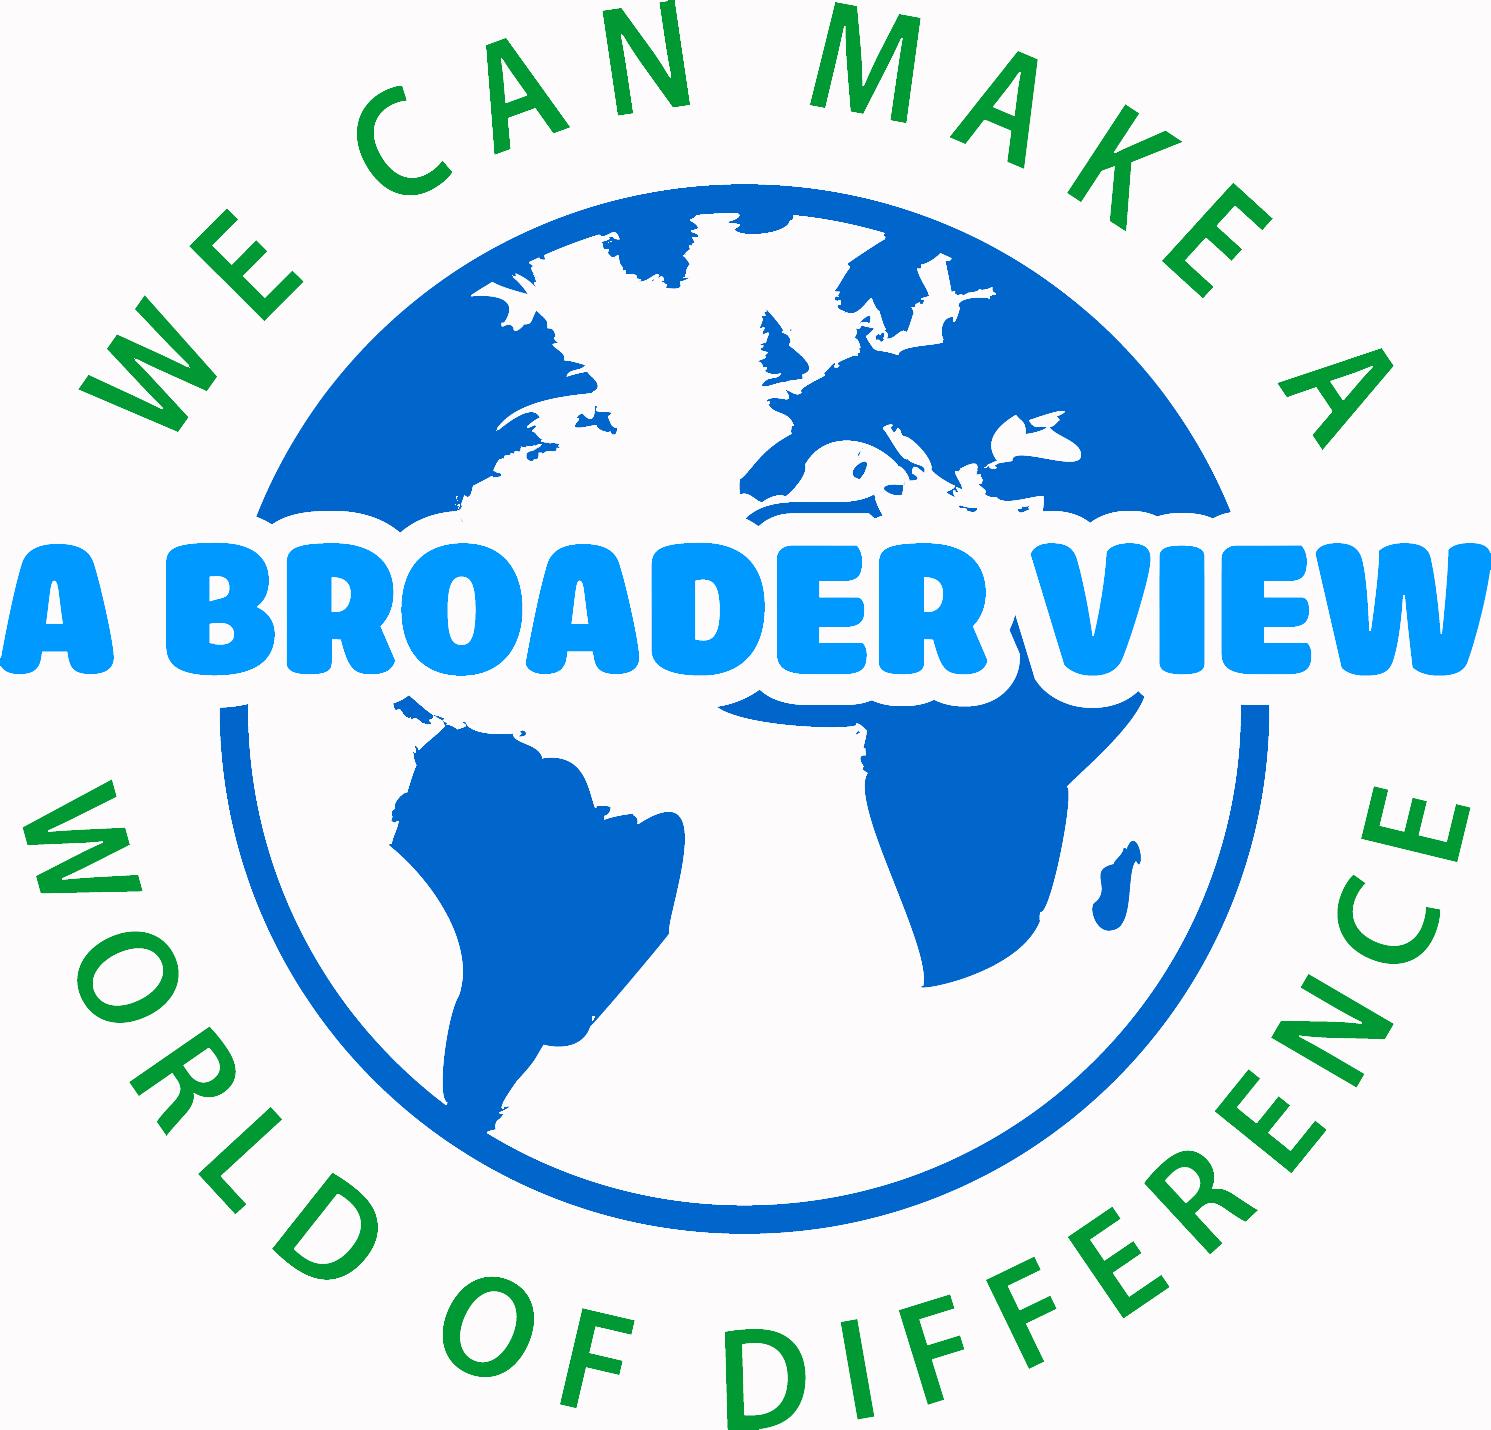 Volunteer in Nepal with A Broader View Volunteers